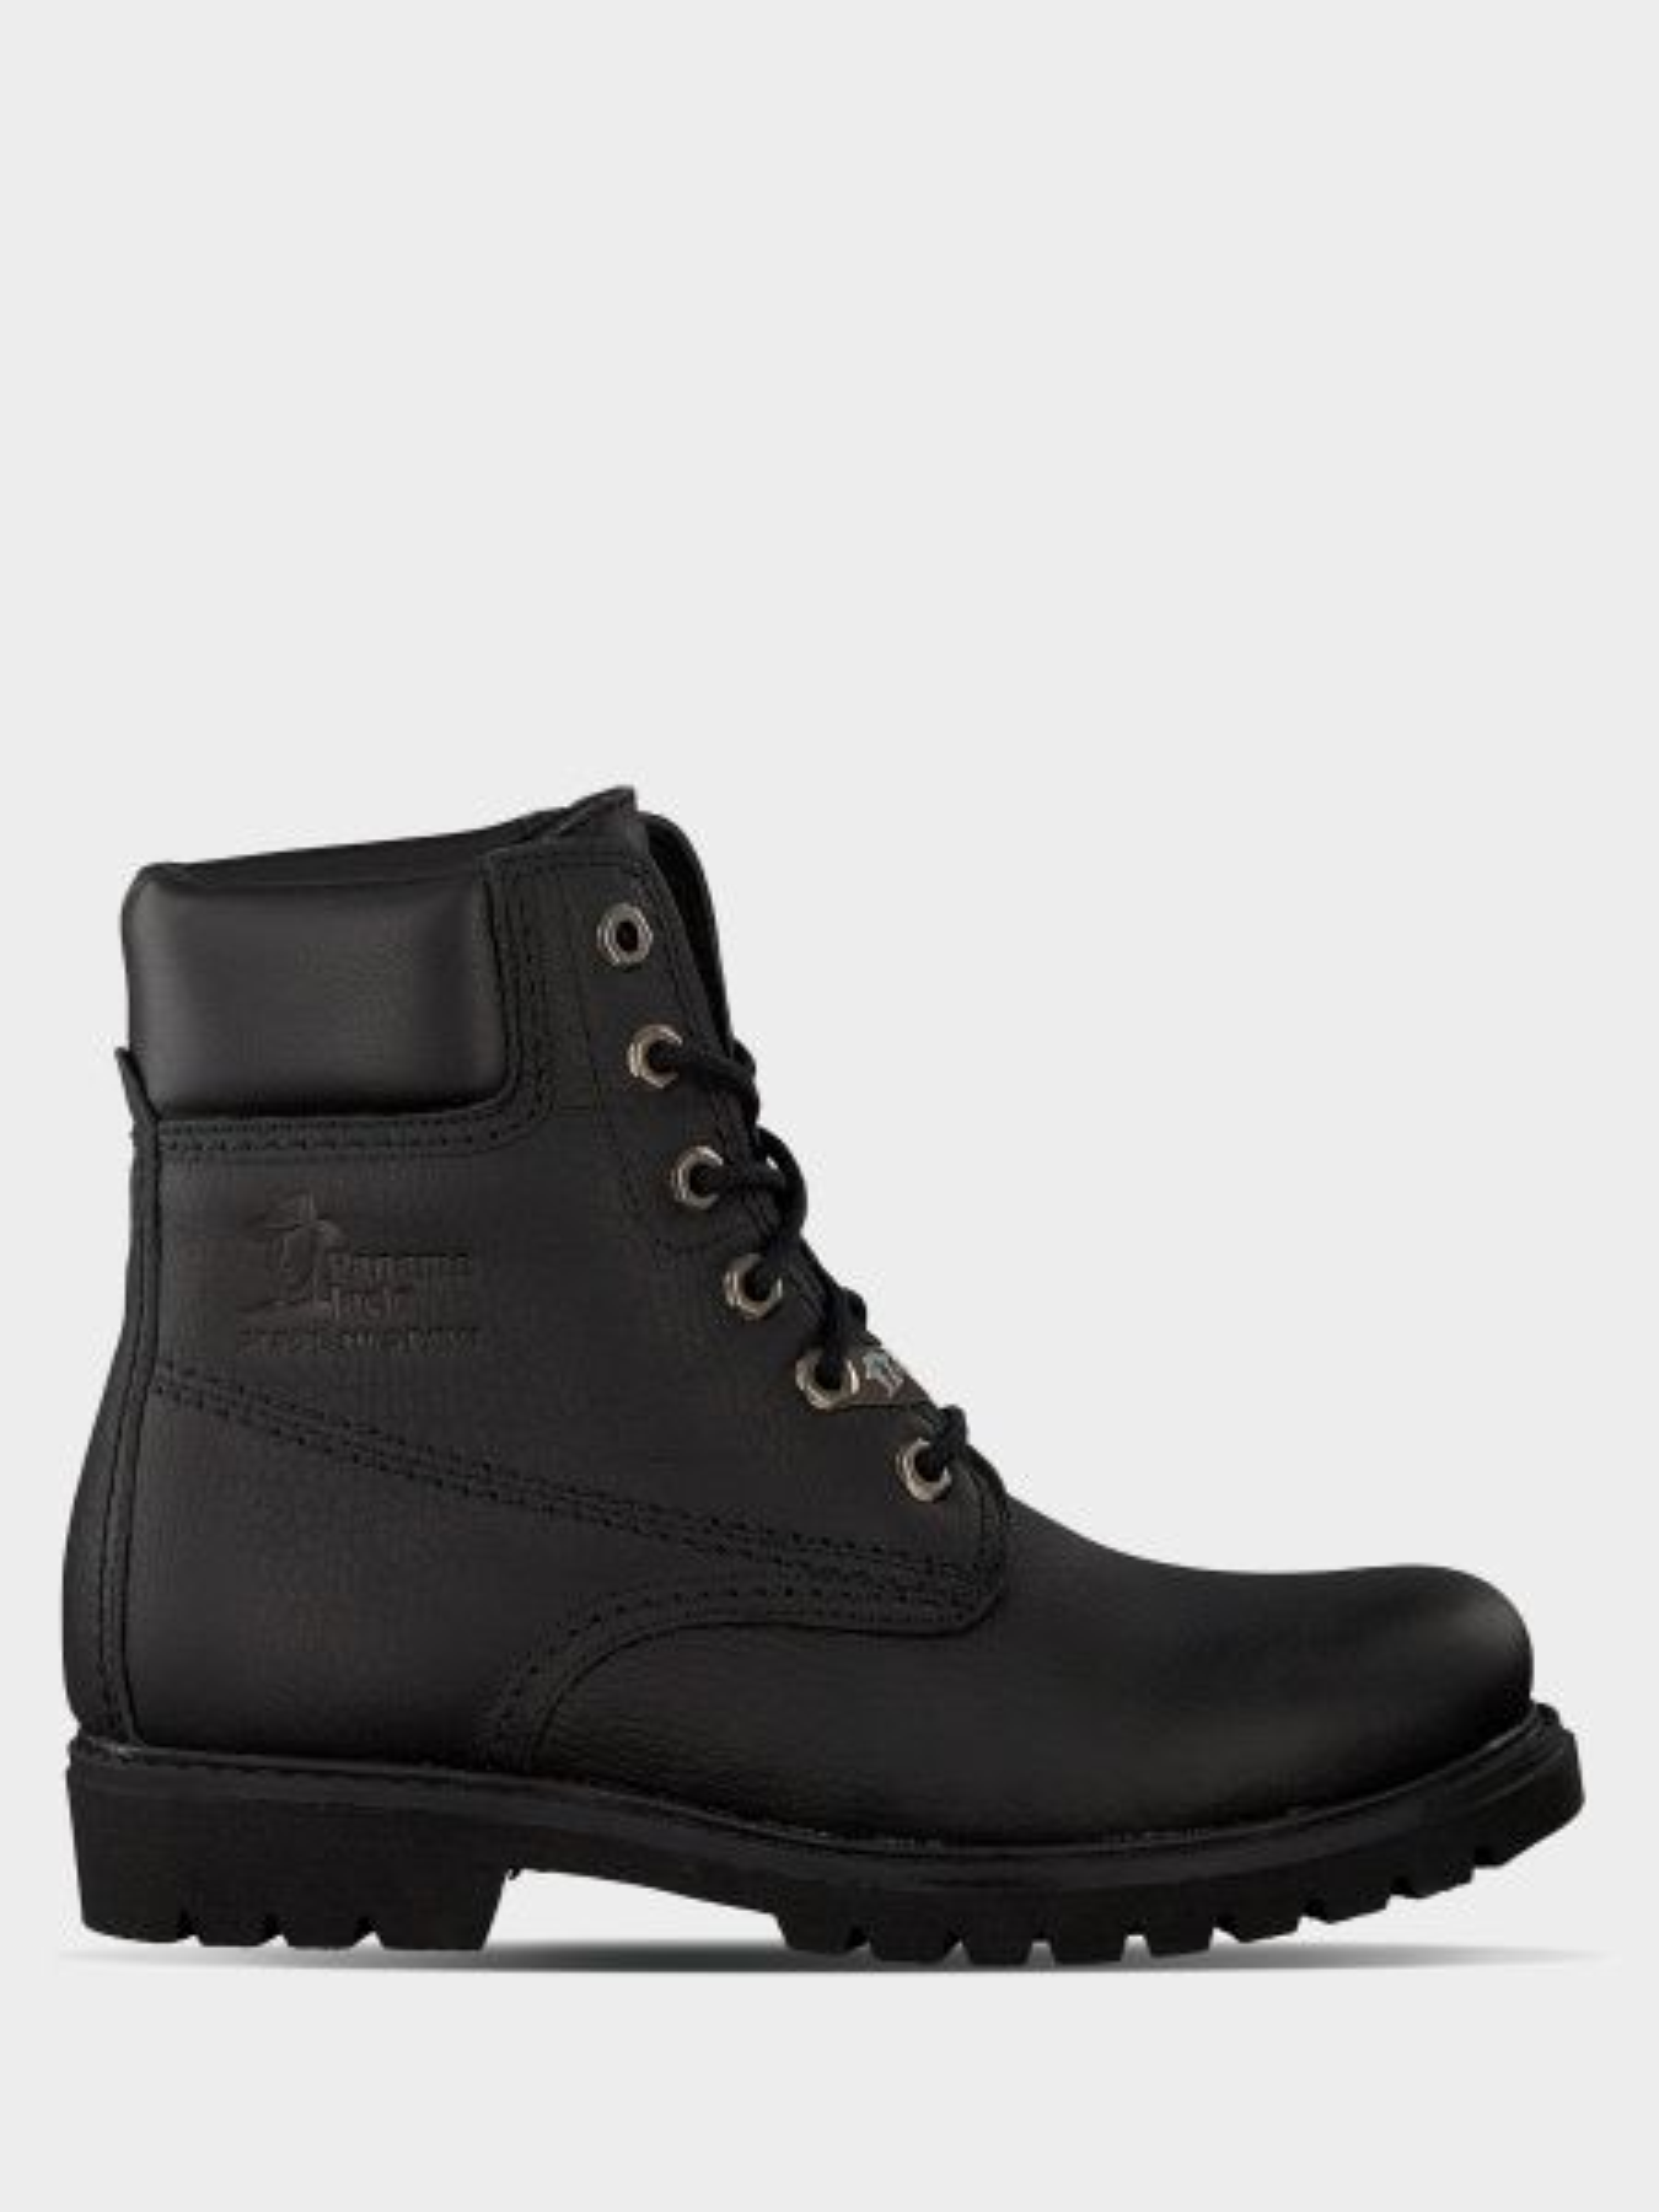 Купить Ботинки женские Panama Jack PW155, Черный